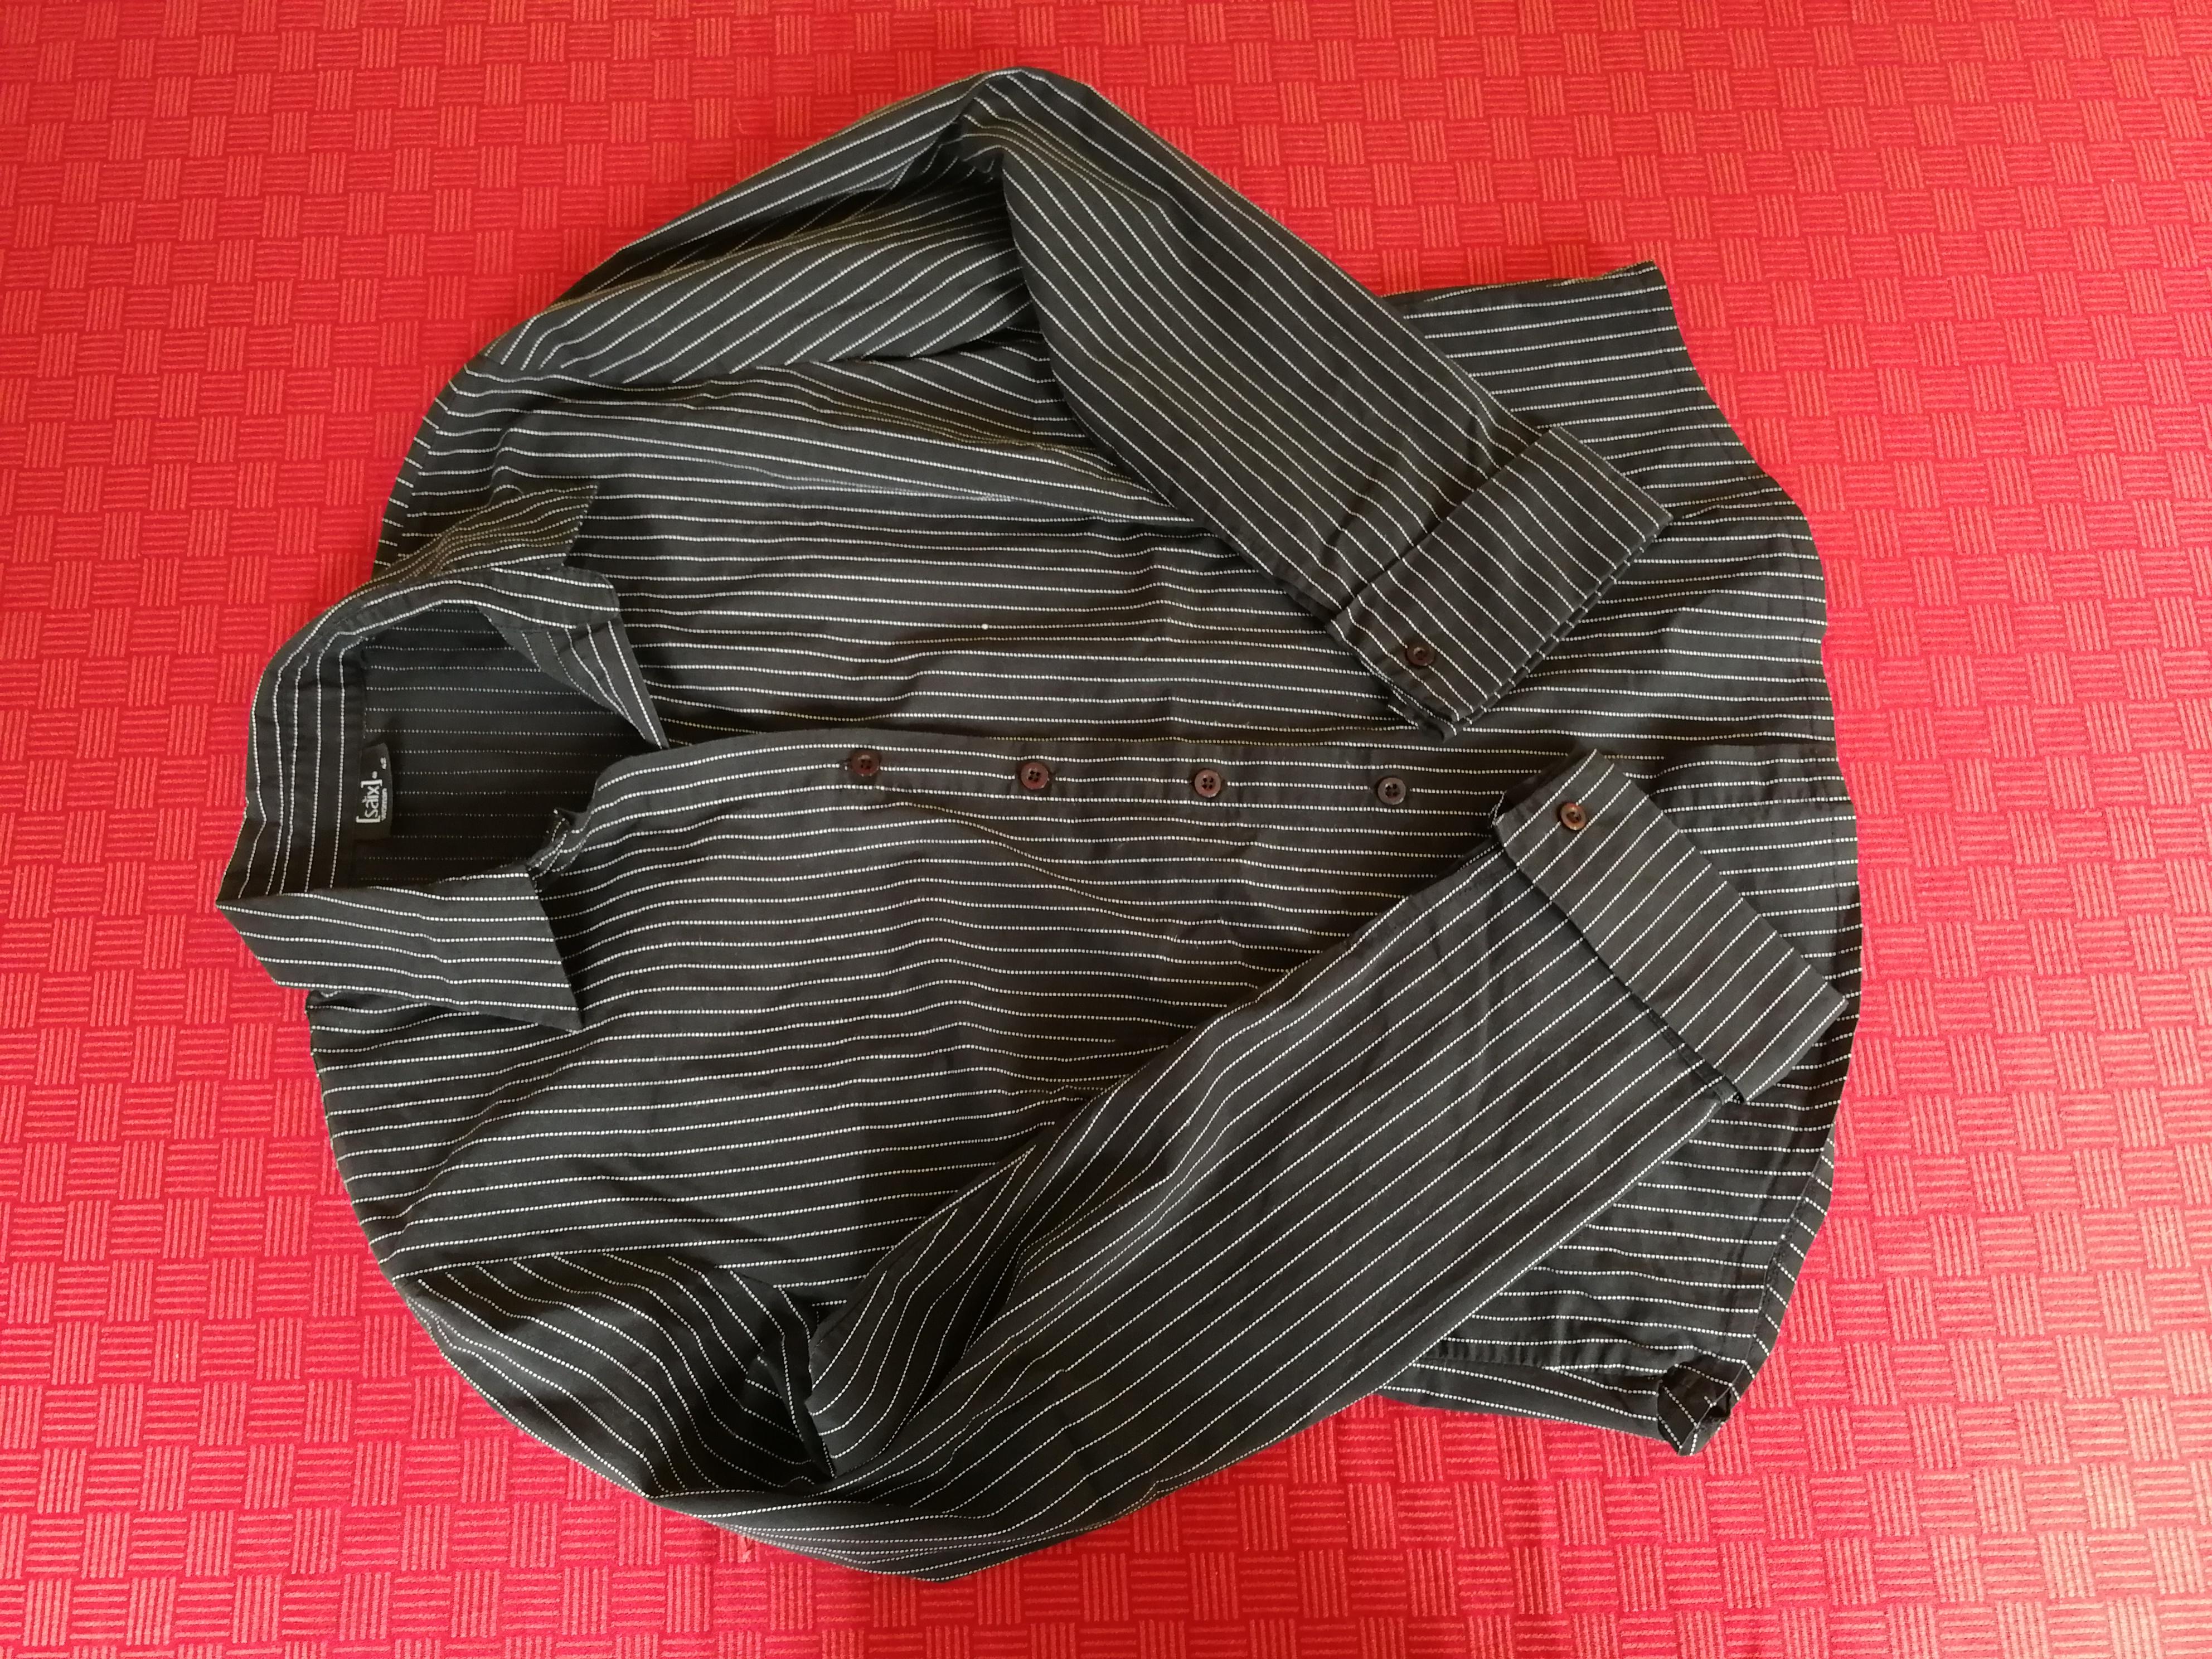 Schwarz weiß gestreifte Bluse 42 tauschen